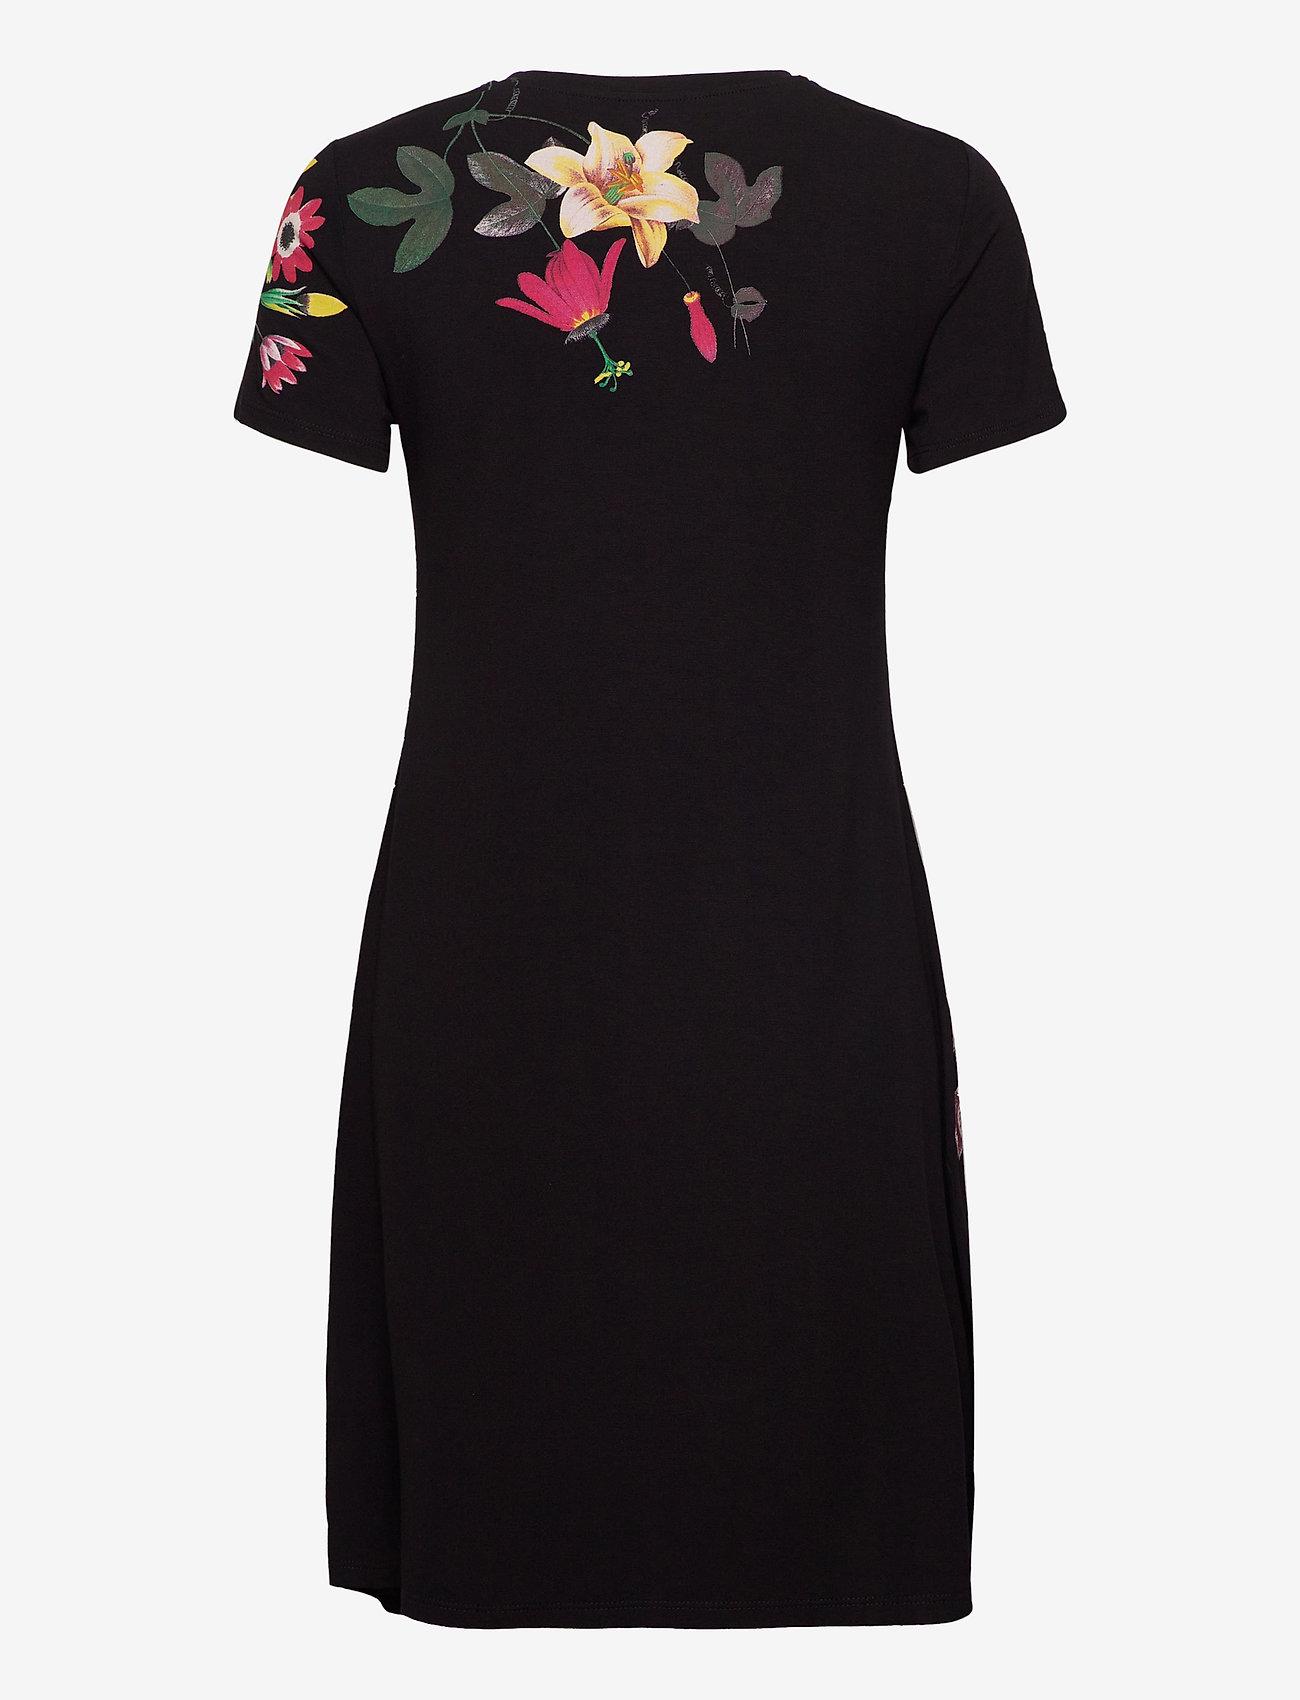 Desigual - VEST CAROLINE - korta klänningar - negro - 1